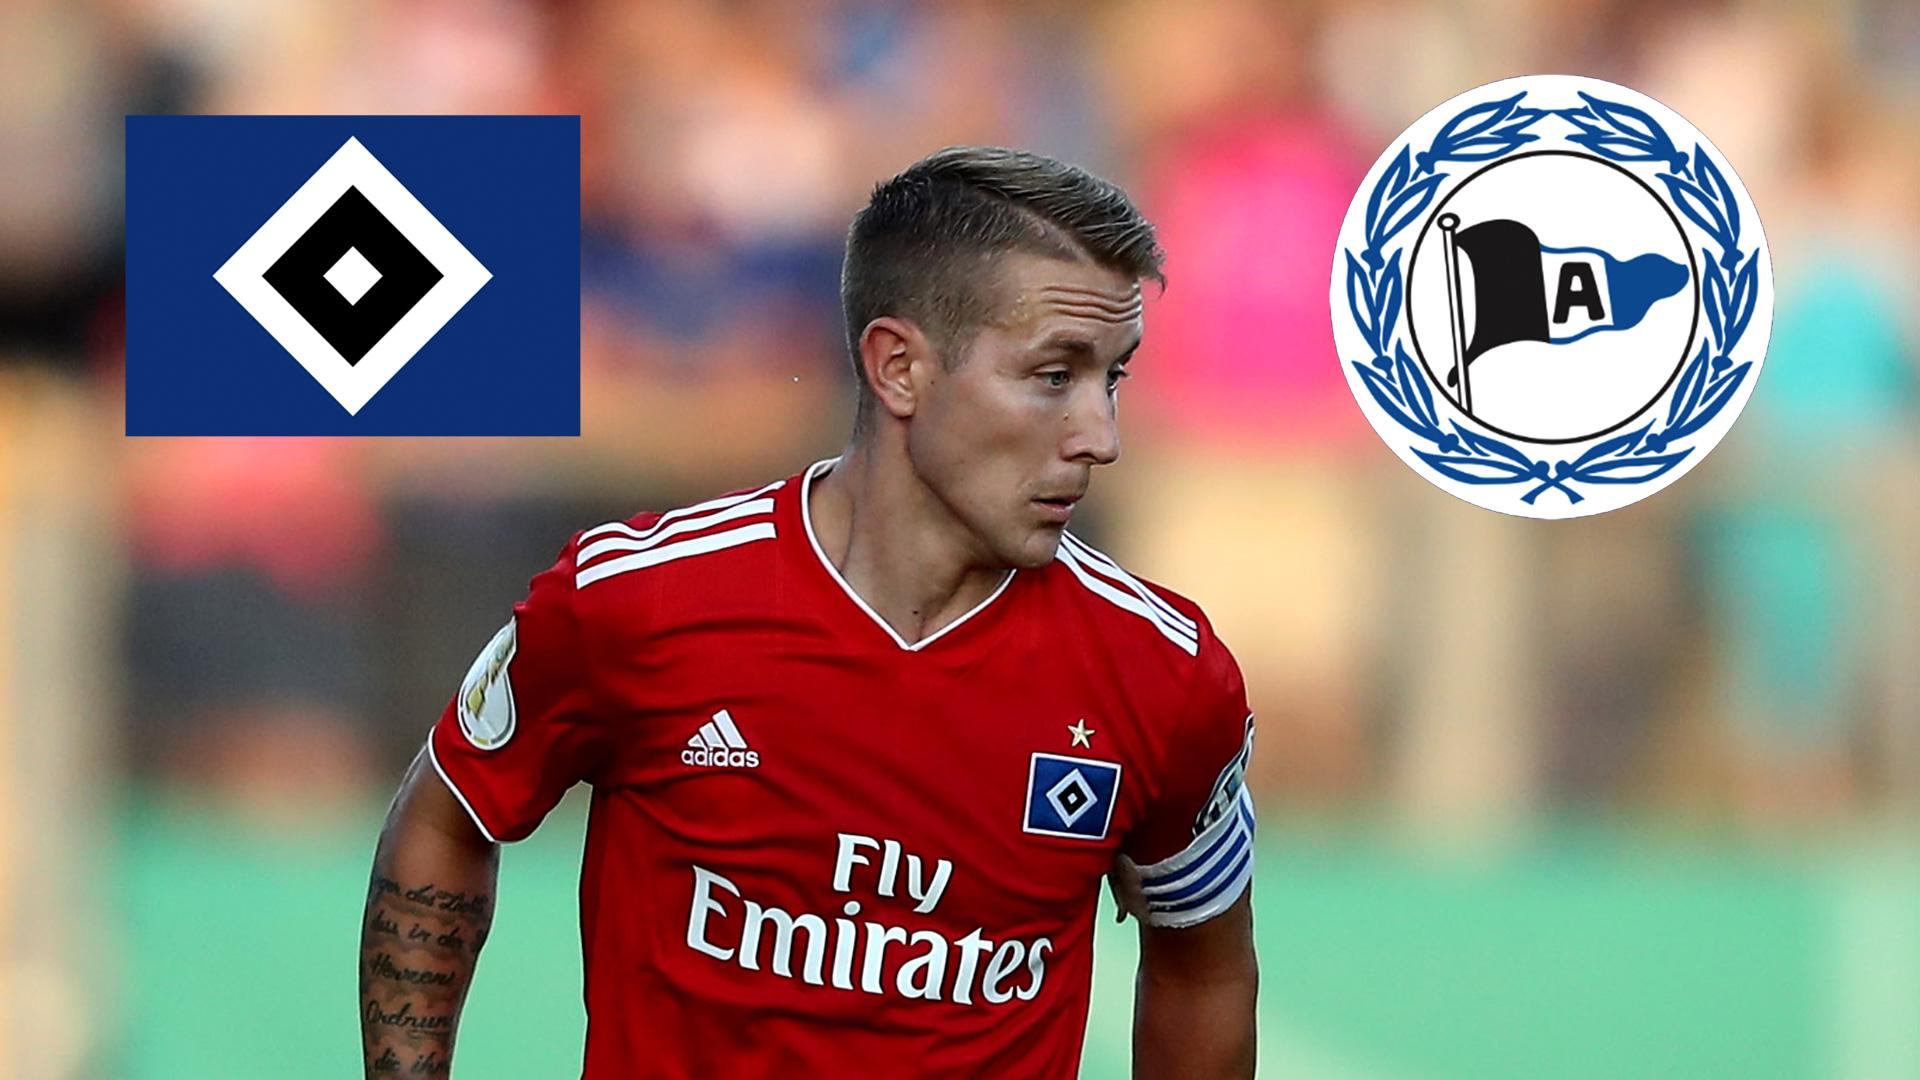 Erster Zweitliga-Heimsieg für den HSV - 3:0 gegen Bielefeld - Schlaglichter